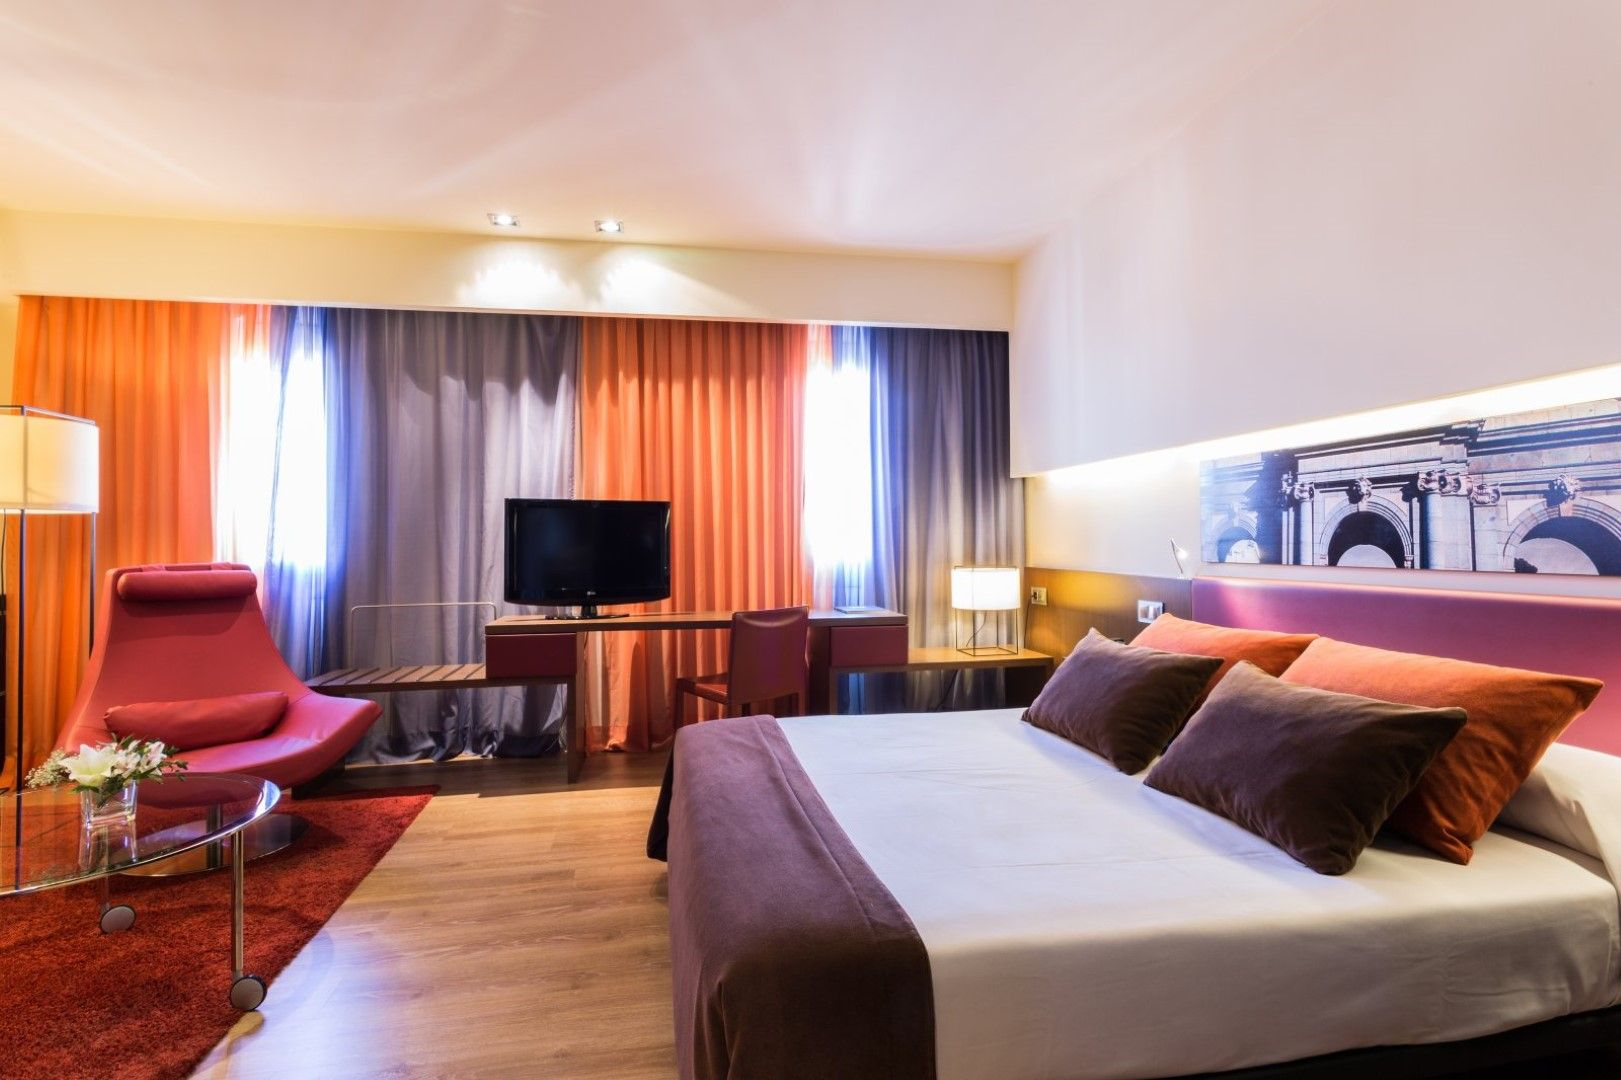 Descubre los mejores hoteles de lujo baratos de espa a for Hoteles rurales de lujo